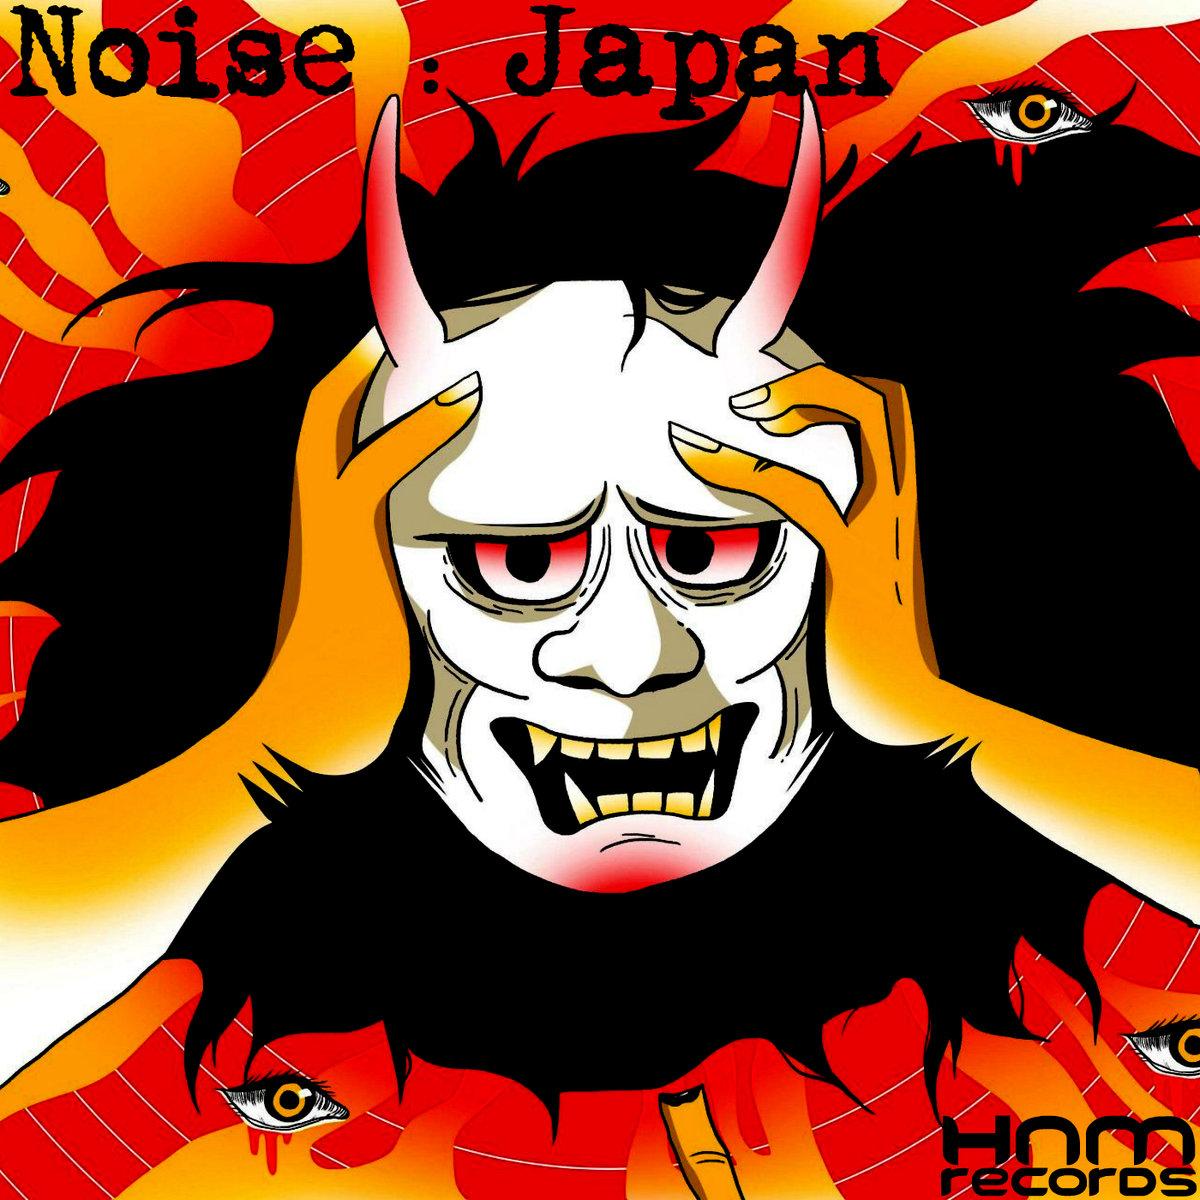 Noise : Japan